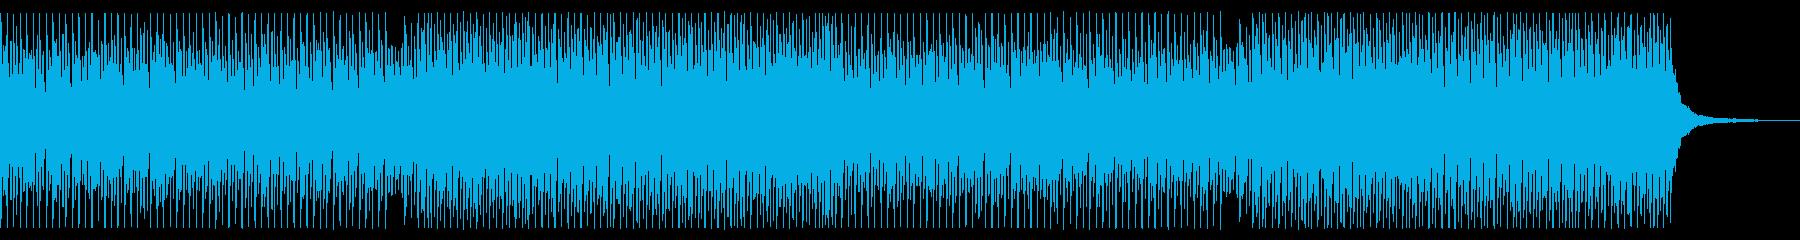 シンバル無し 青空 ポジティブ ピアノの再生済みの波形